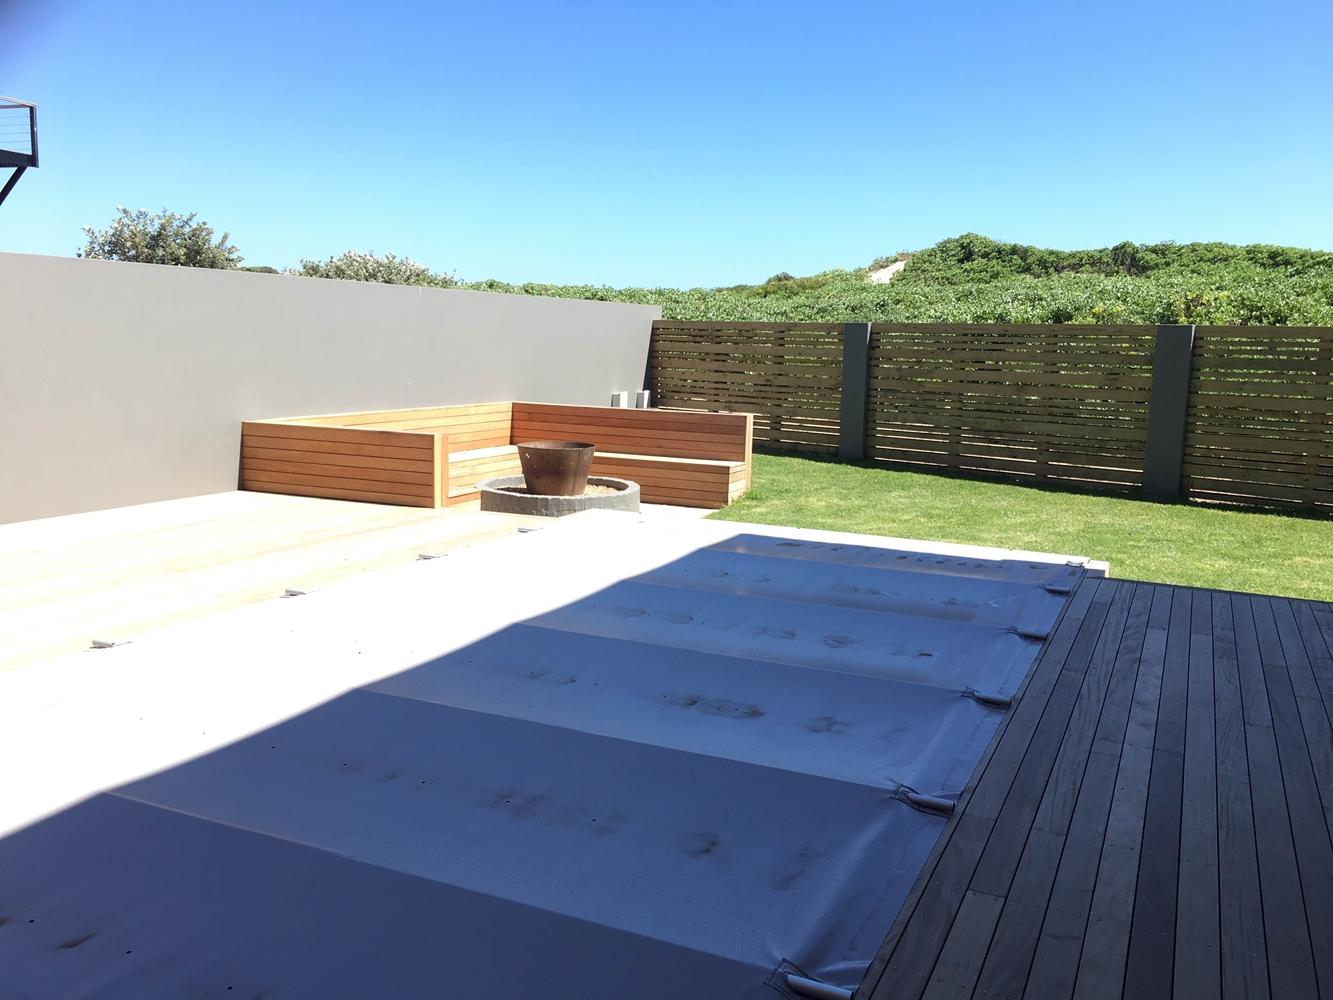 House Schewitz - Pool Deck Detail